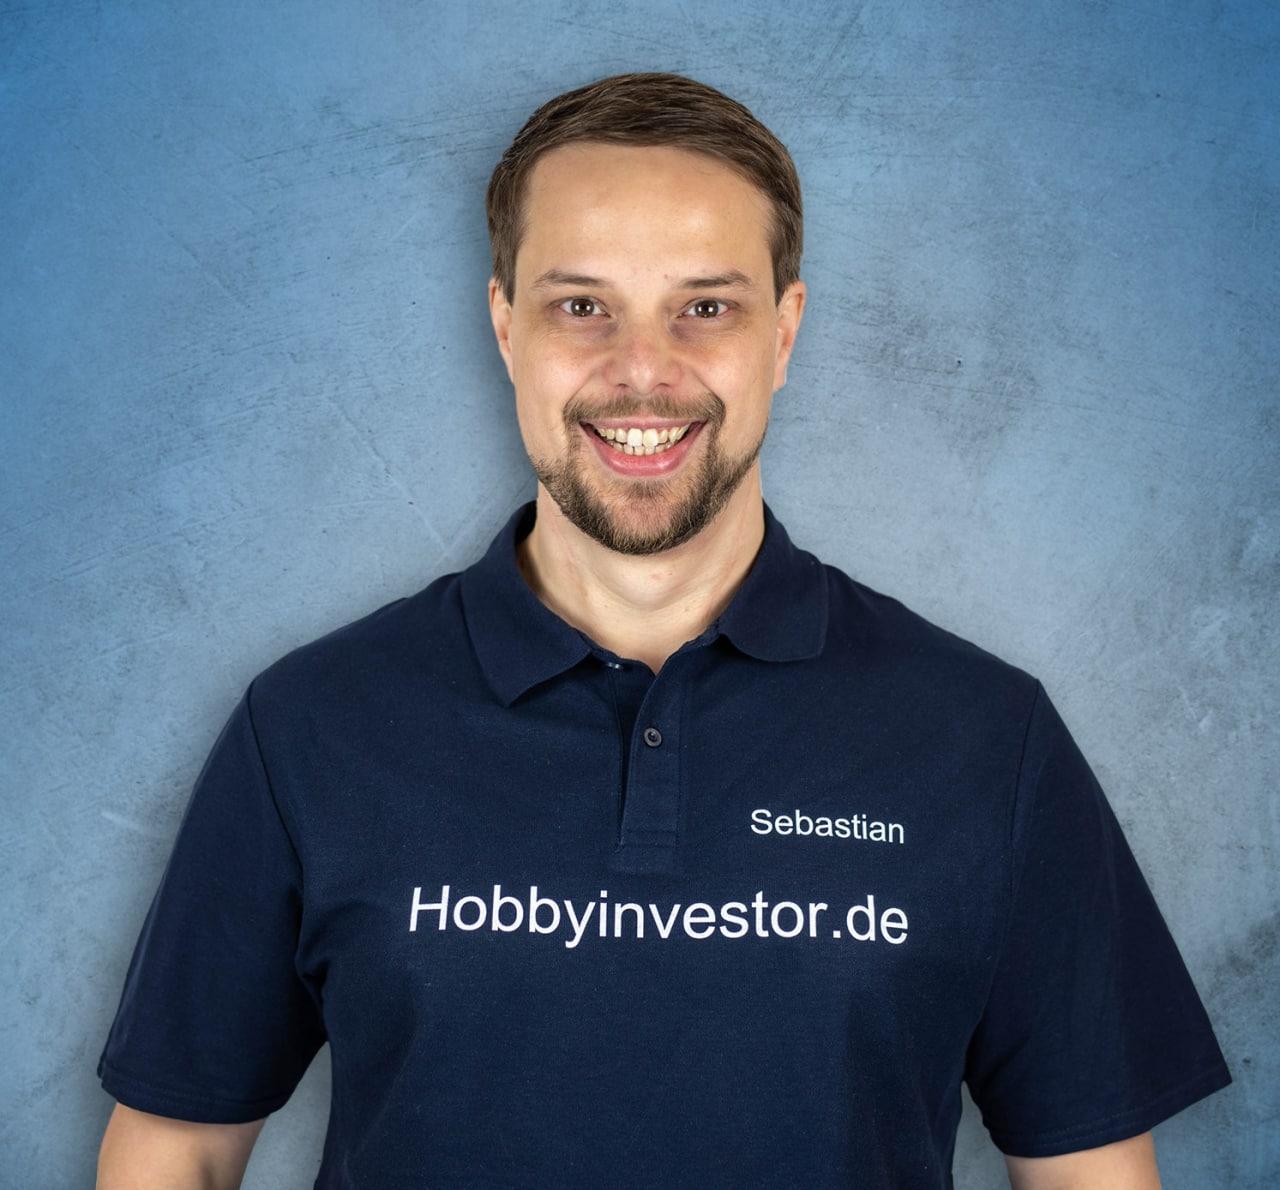 Sebastian - Der Hobbyinvestor